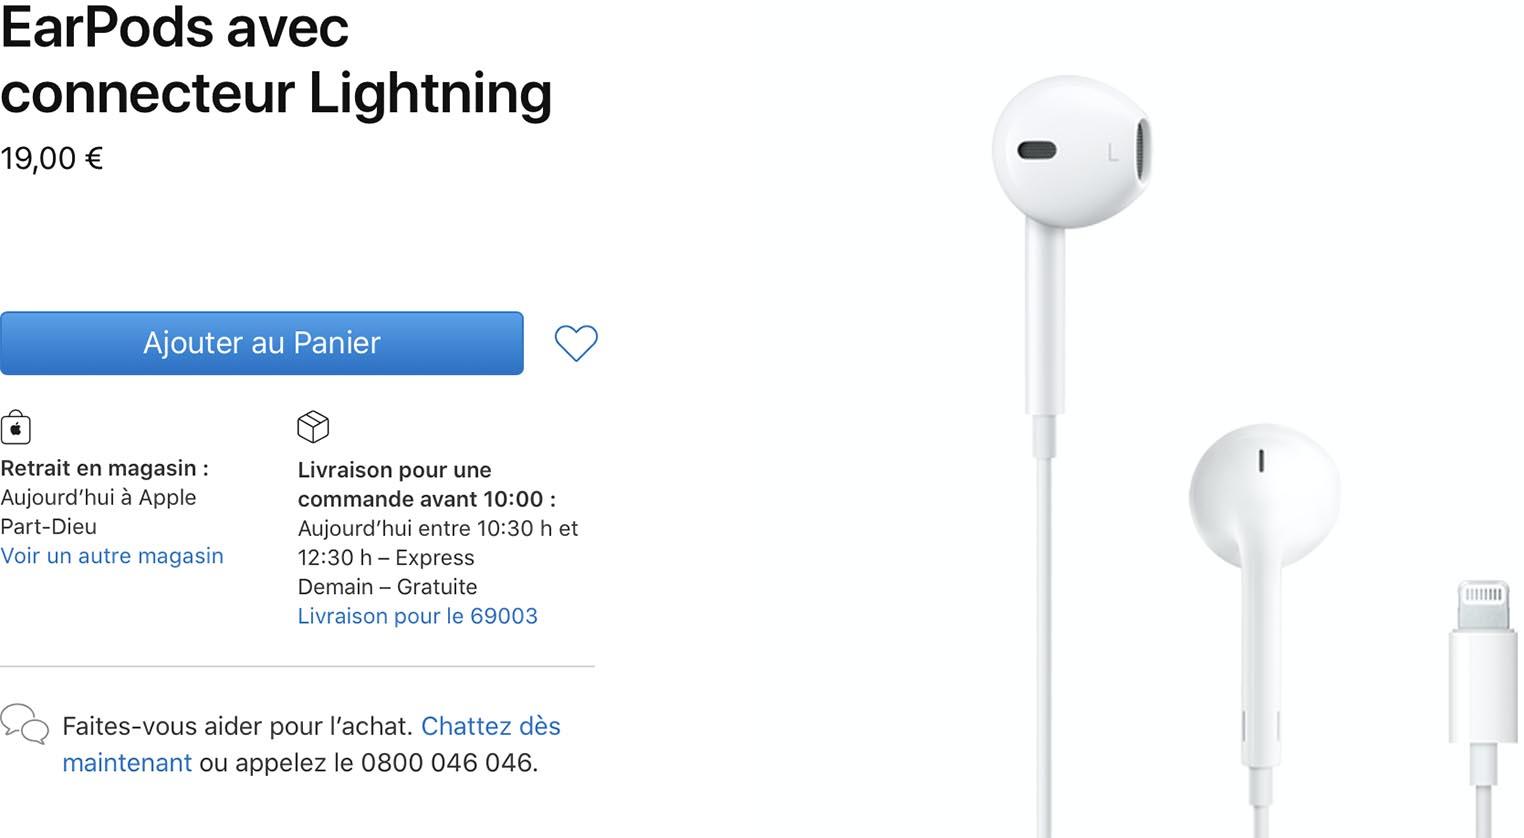 Apple EarPods Apple Store